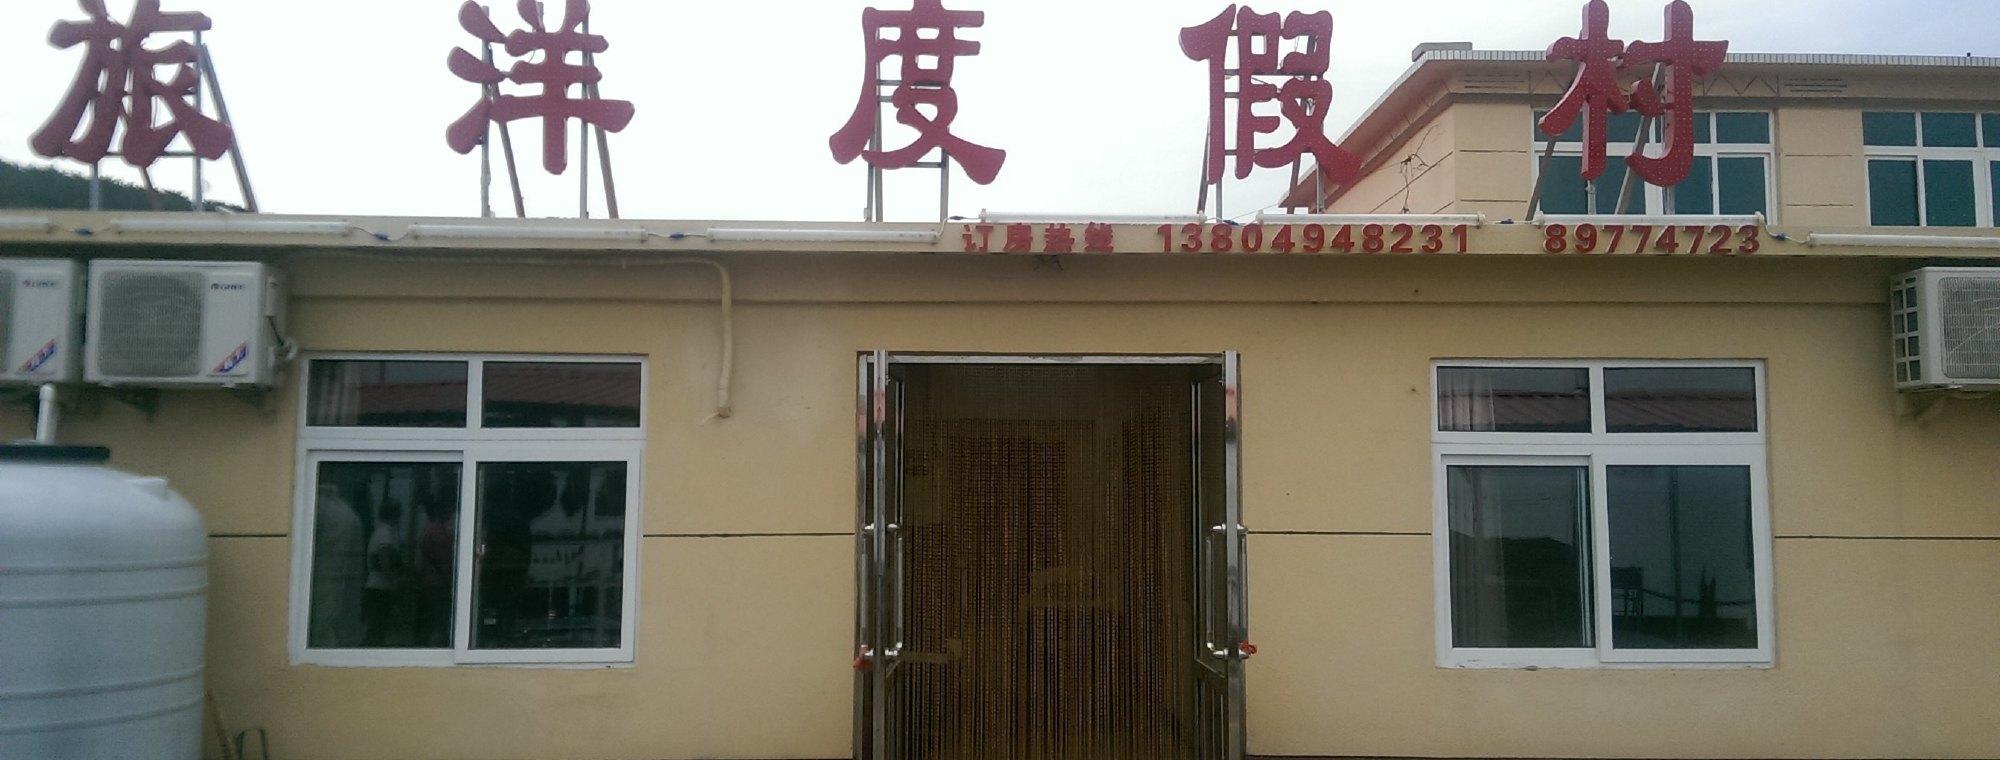 地址:庄河王家岛镇南海浴场 查看地图